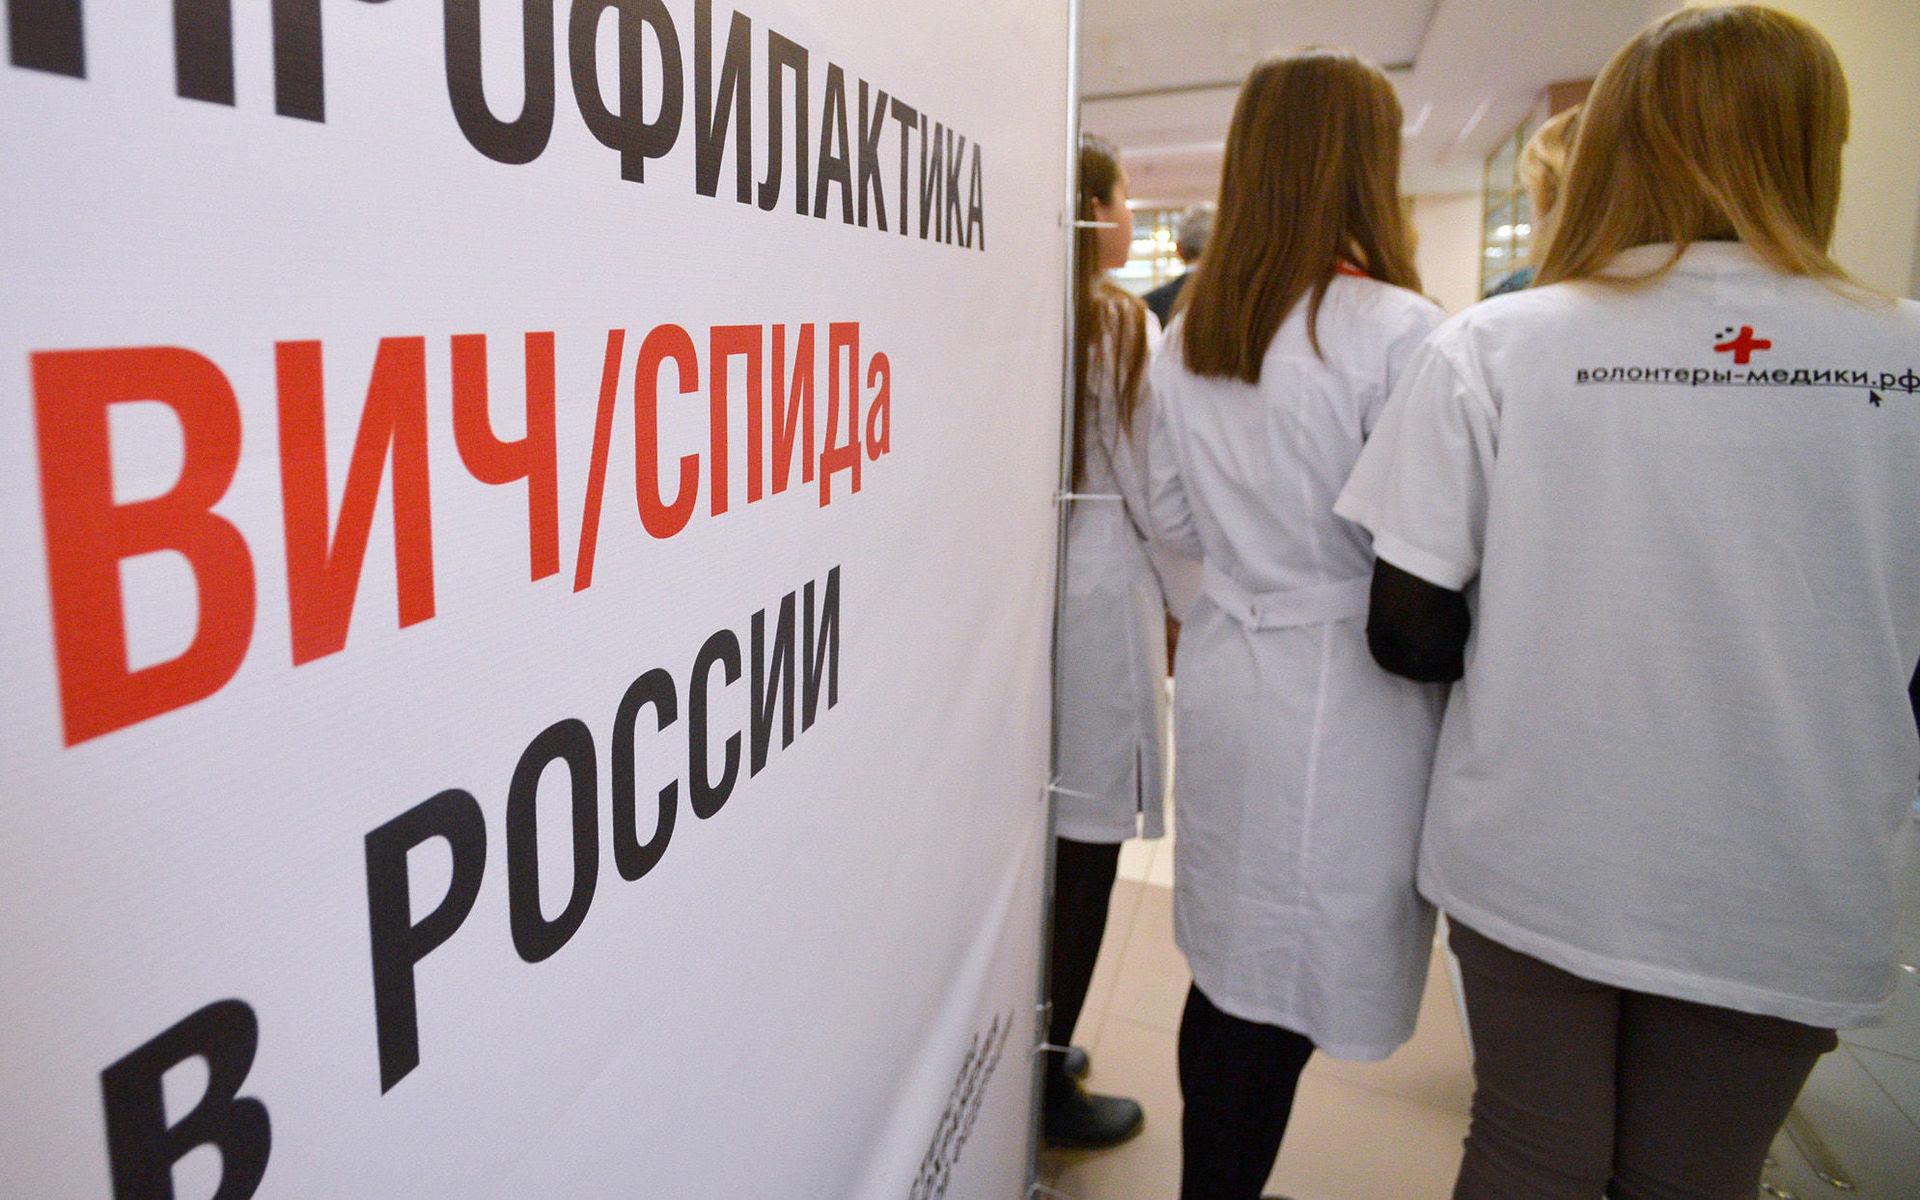 Закон о ВИЧ инфицированных в последней редакции